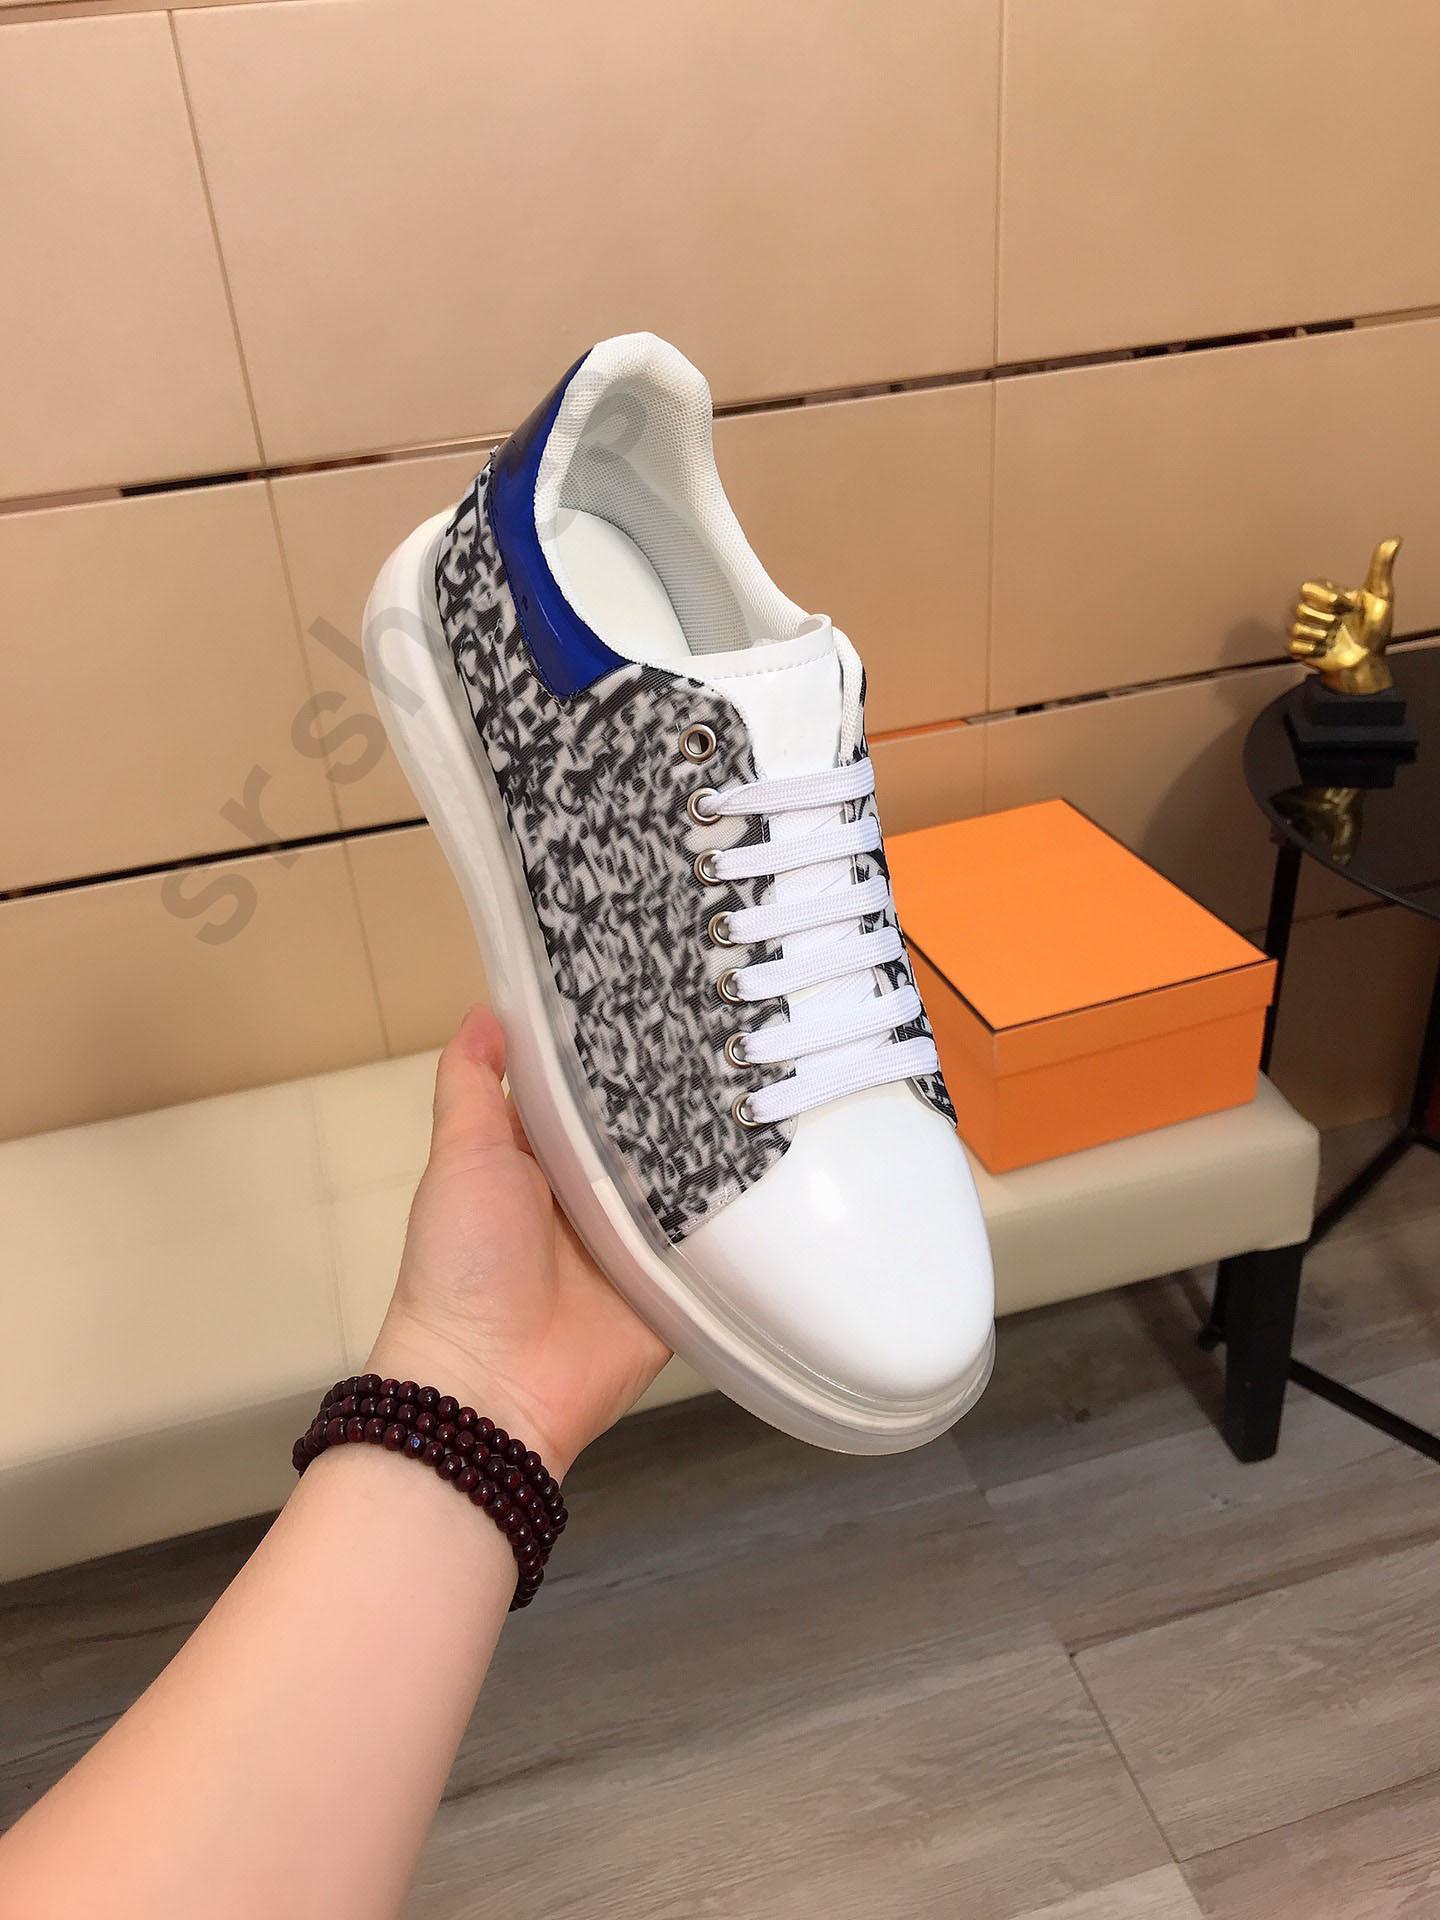 Luxurys Designer Walk 'N Наклонные Низкая Женская Мужская Обувь Мультипродуктивный Дыхание Свободно Сетка Роза Печатные Кроссовки Мода Спортивные тренажеры Размер 38-45